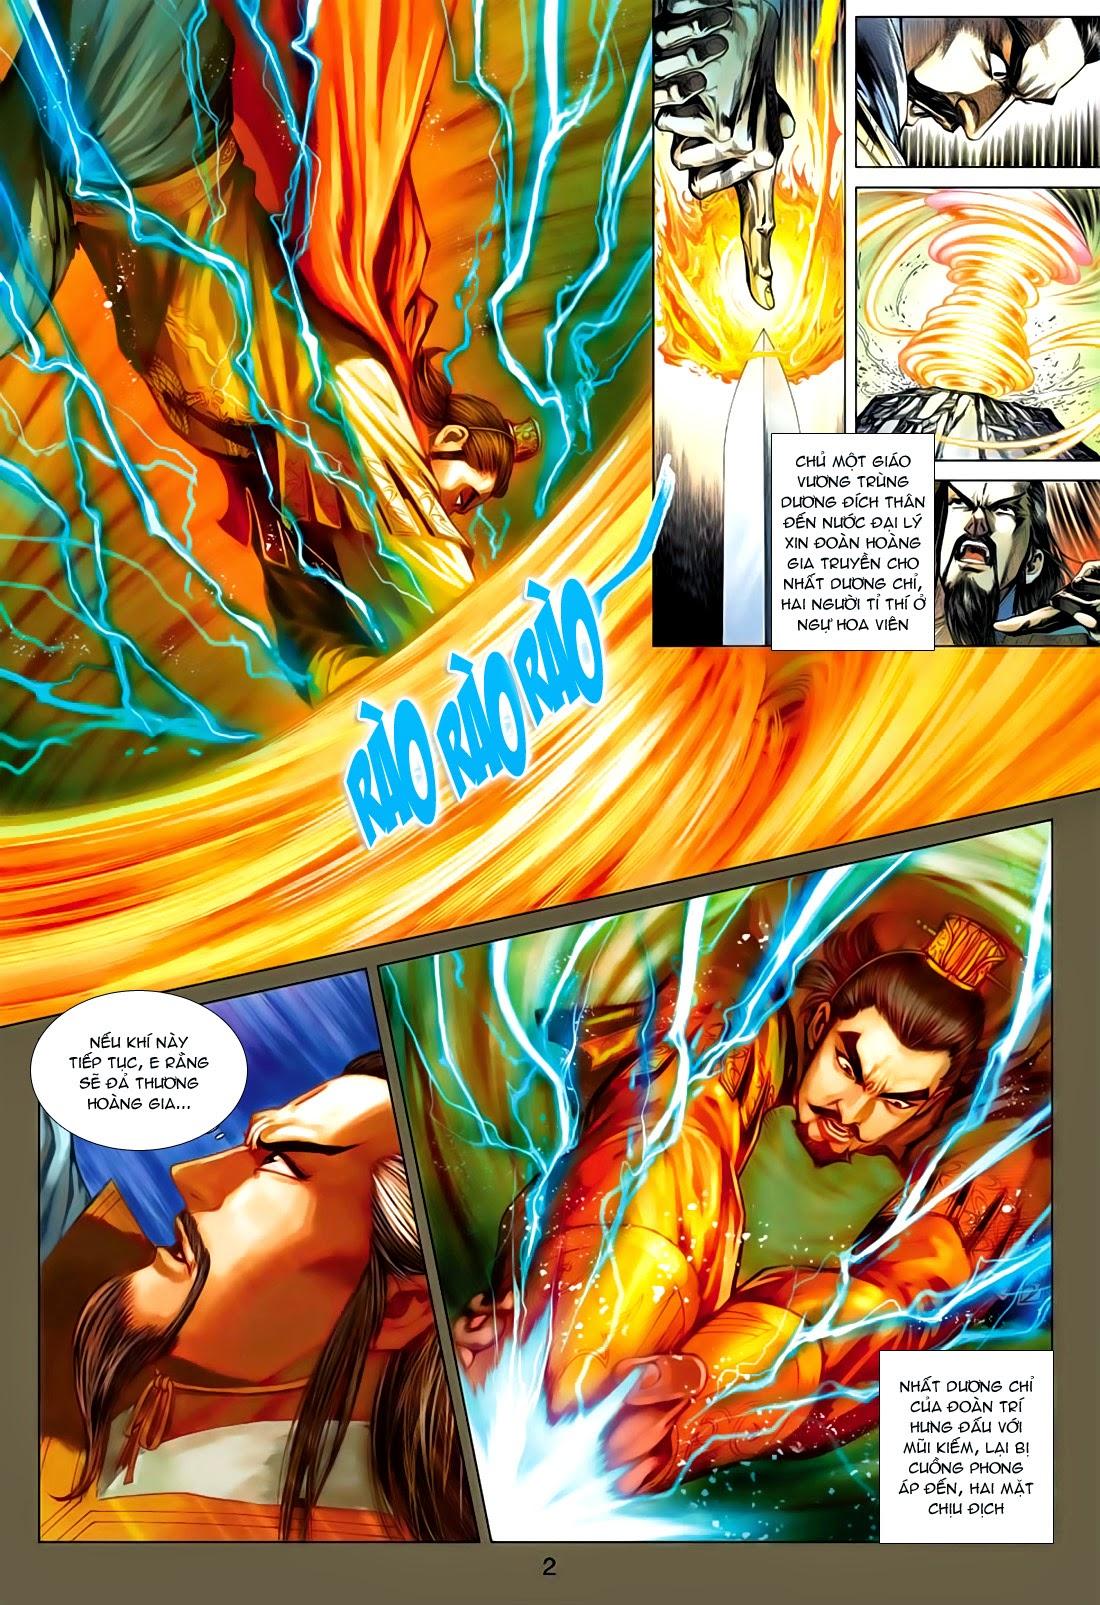 Anh Hùng Xạ Điêu anh hùng xạ đêu chap 77: thế thượng tối cường võ công trang 2